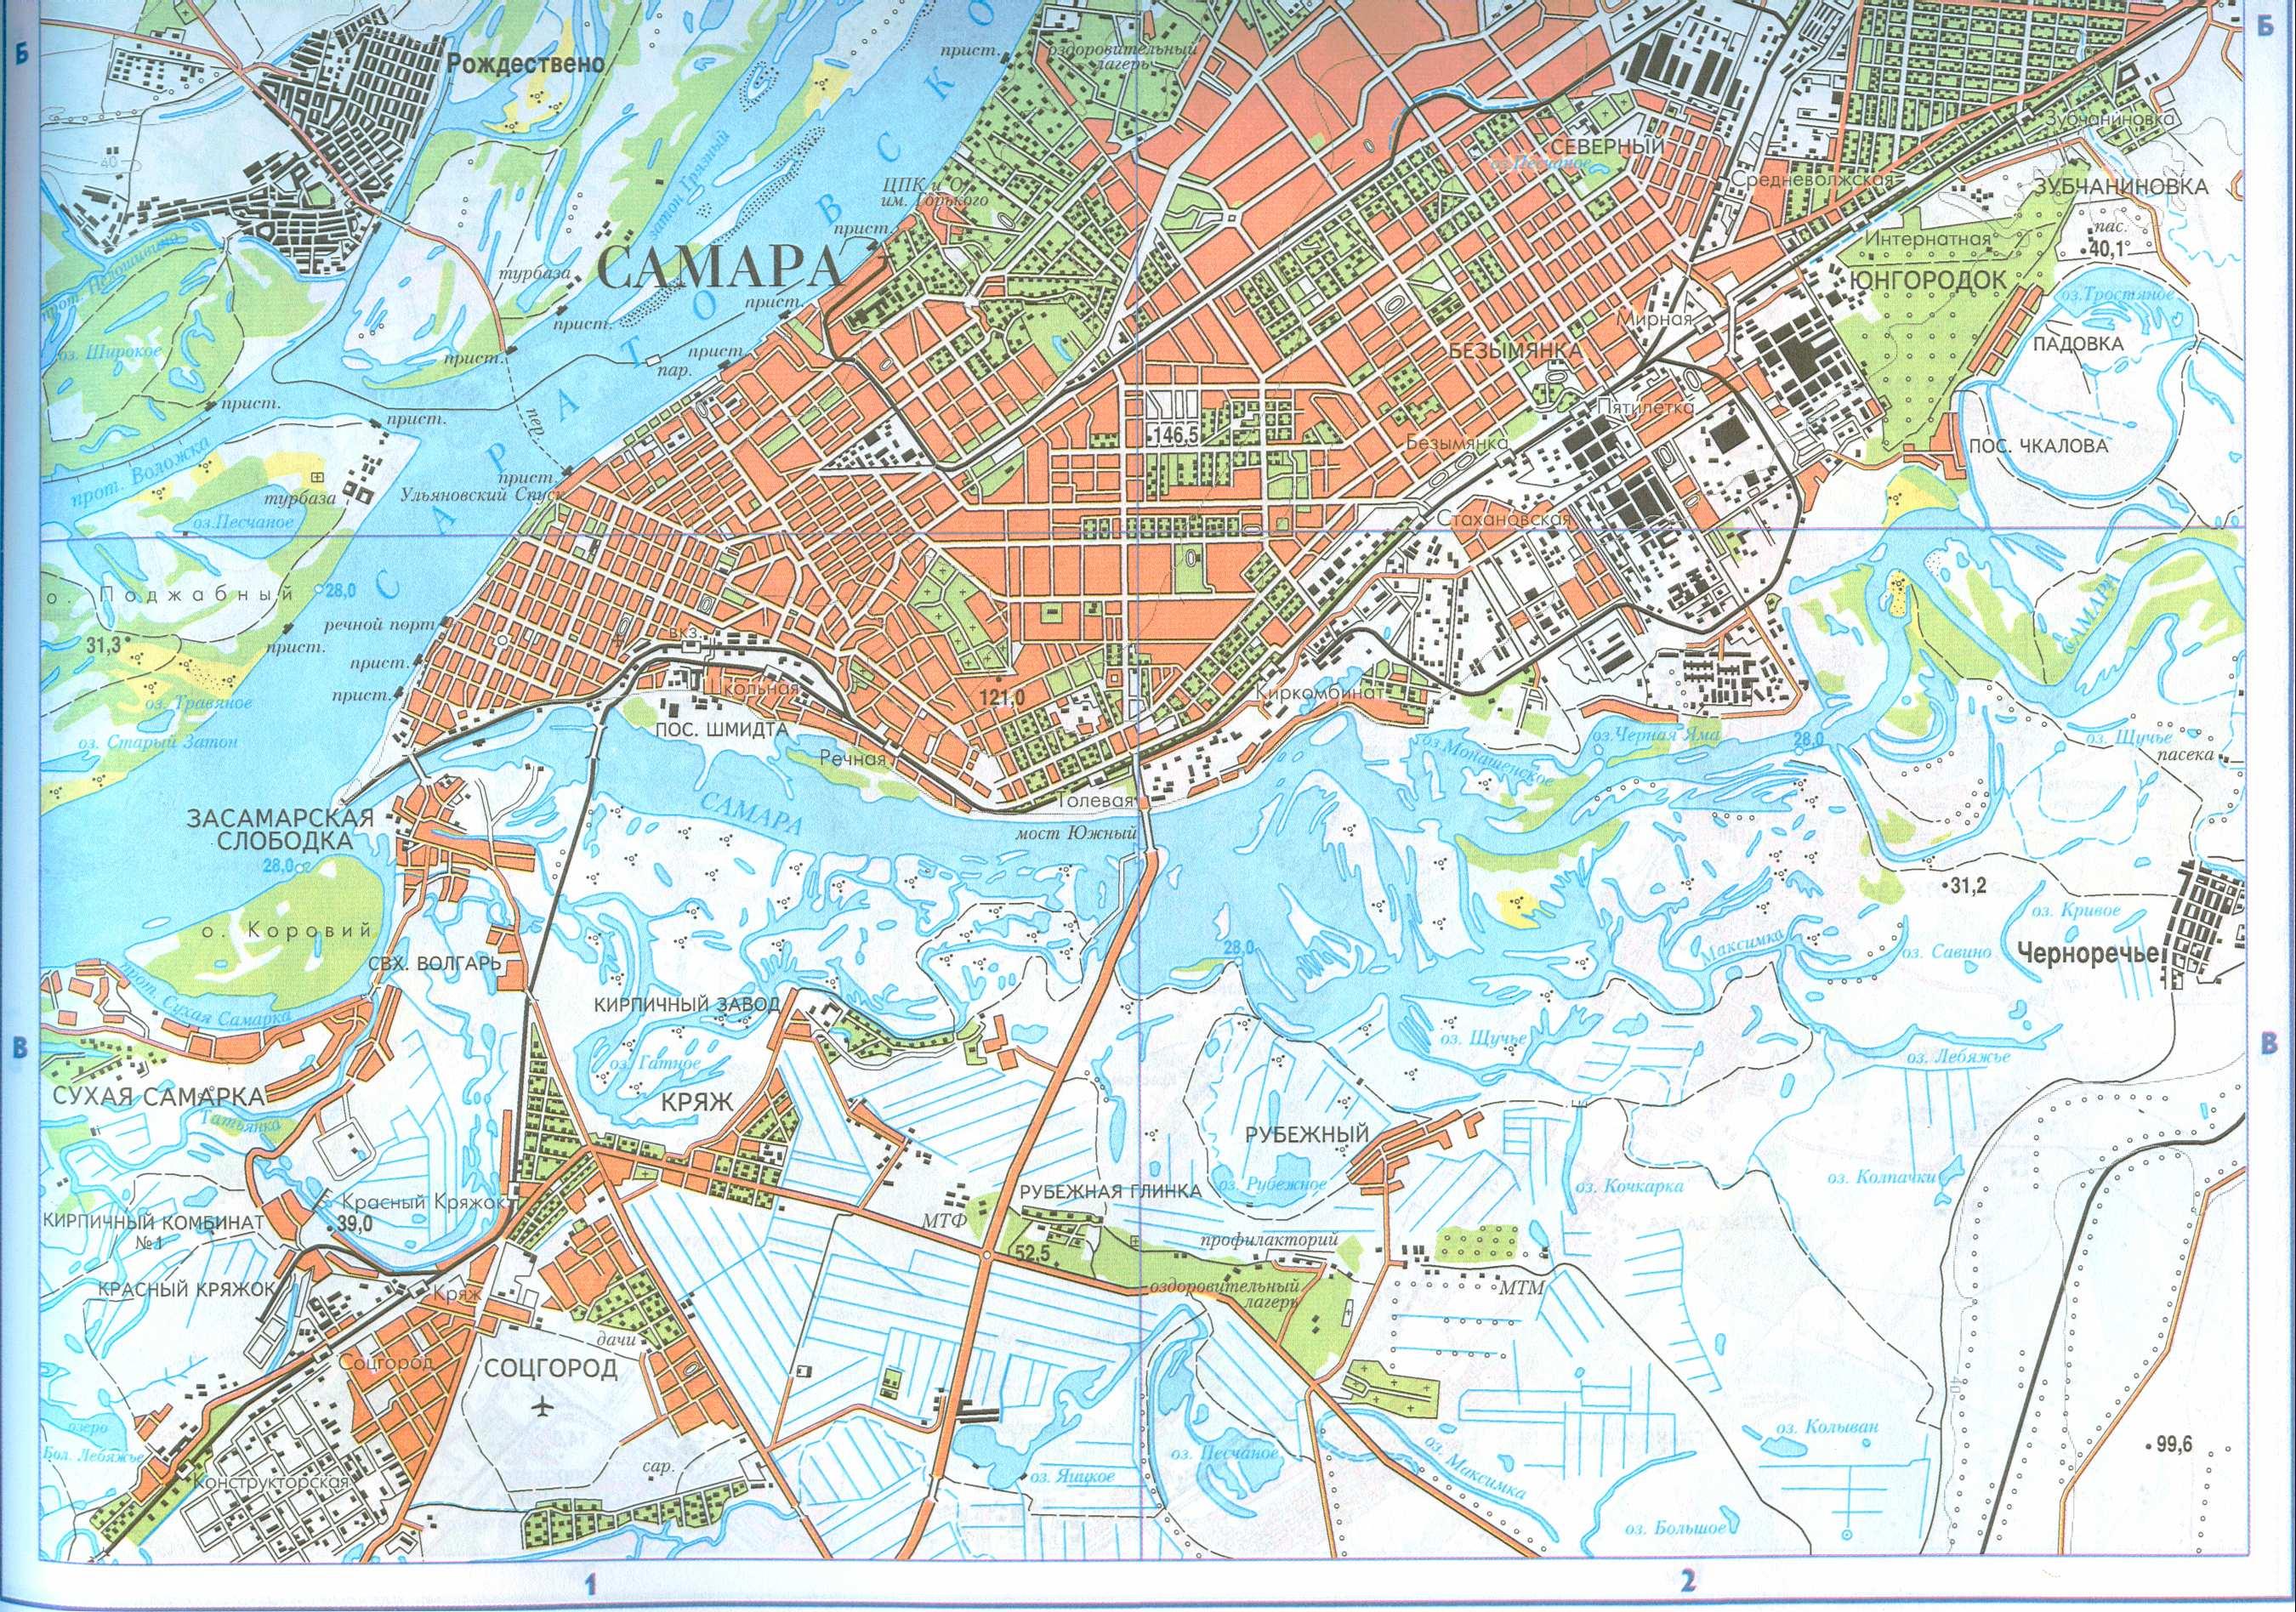 Карта Самары и пригорода. Подробная карта г.Самара и ...: http://raster-maps.com/?p=661